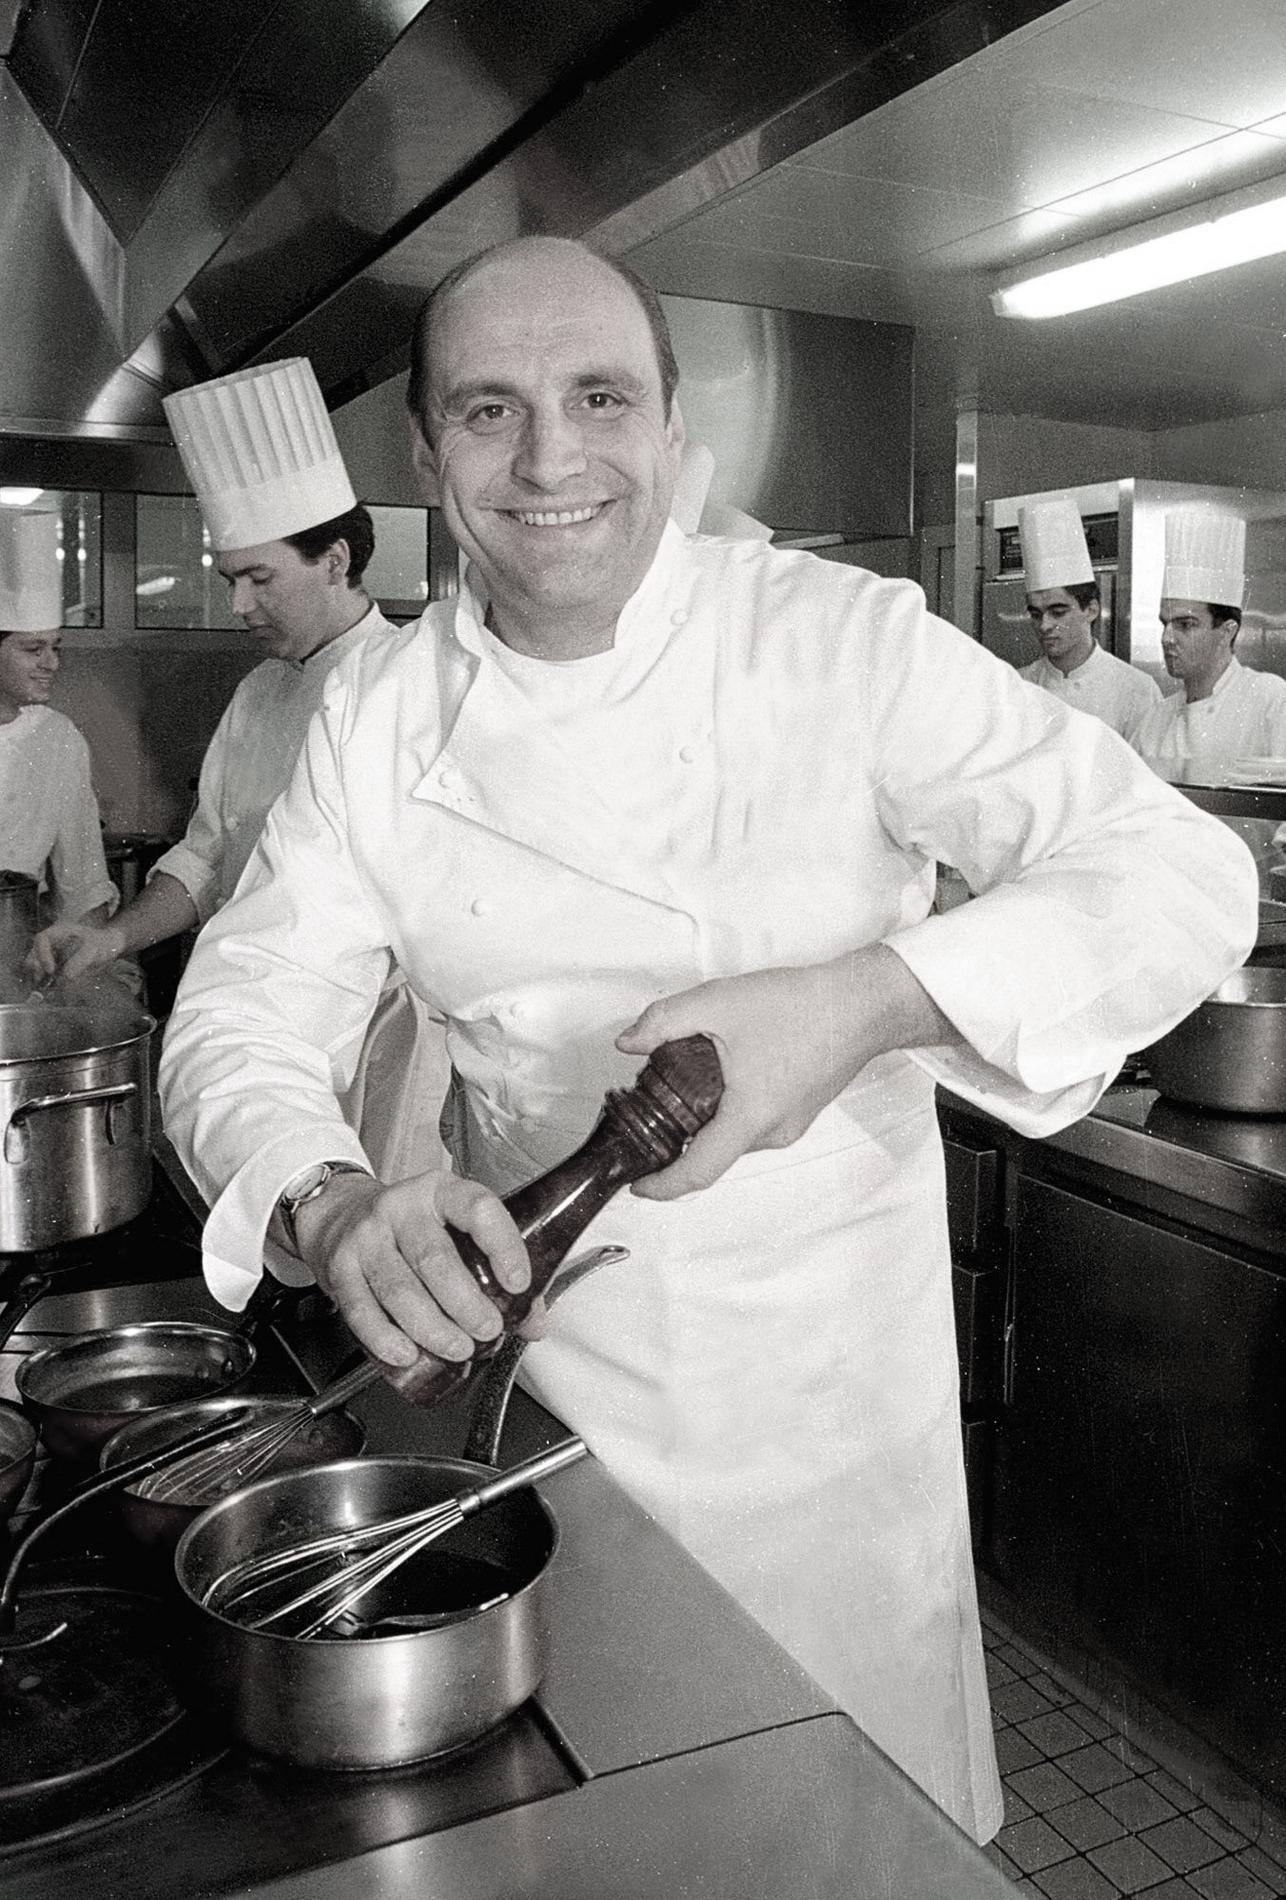 Recettes bernard loiseau cuisine madame figaro for Cuisine bernard